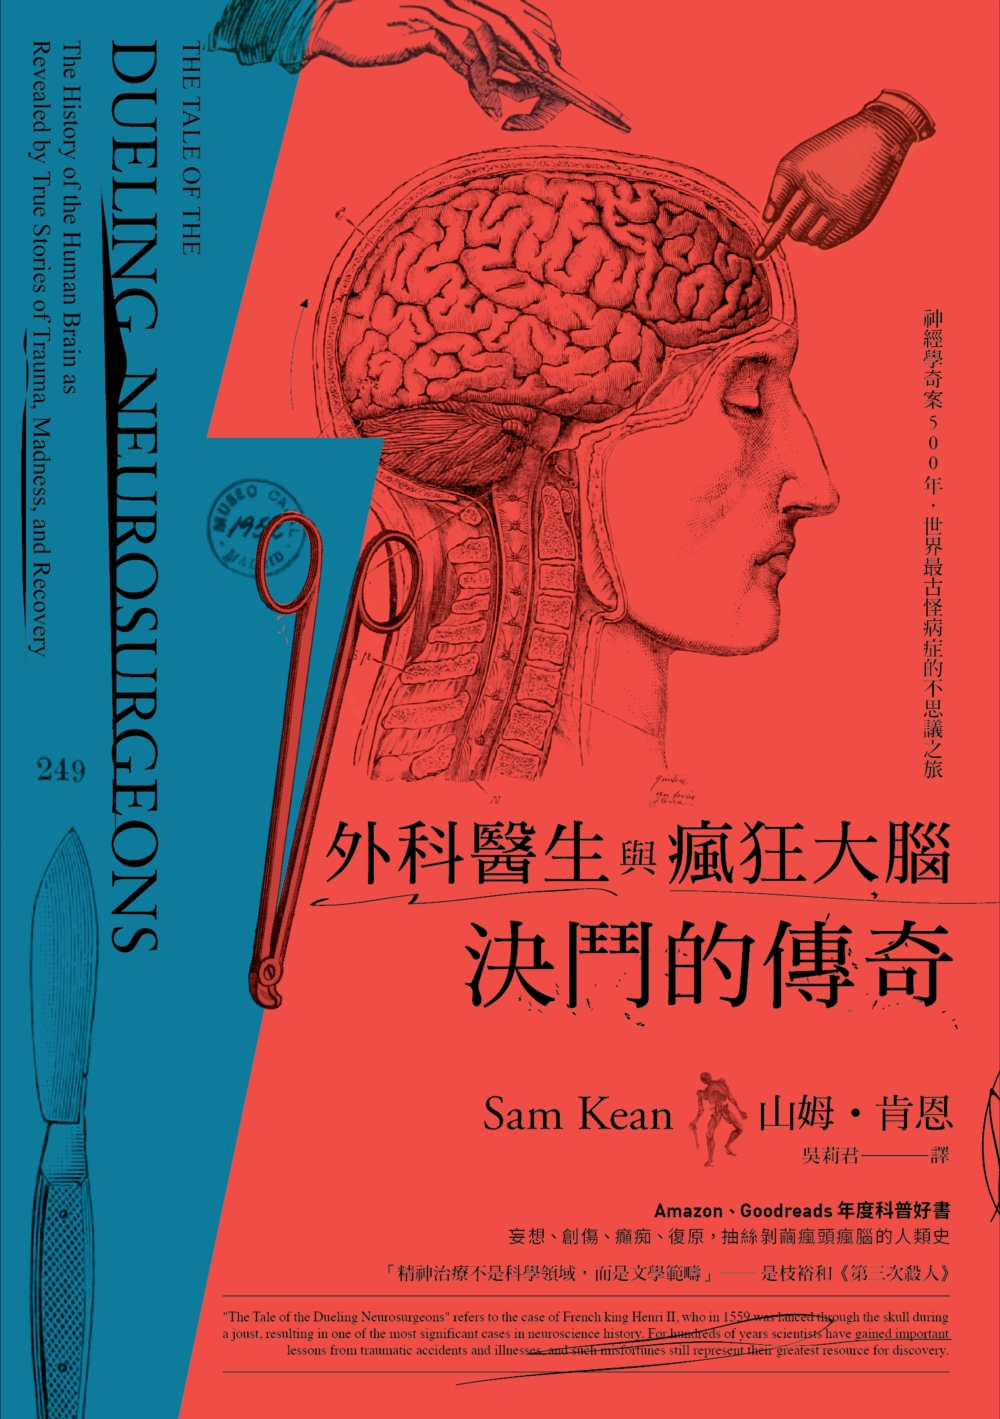 ◤博客來BOOKS◢ 暢銷書榜《推薦》外科醫生與瘋狂大腦決鬥的傳奇:神經學奇案500年,世界最古怪病症的不思議之旅